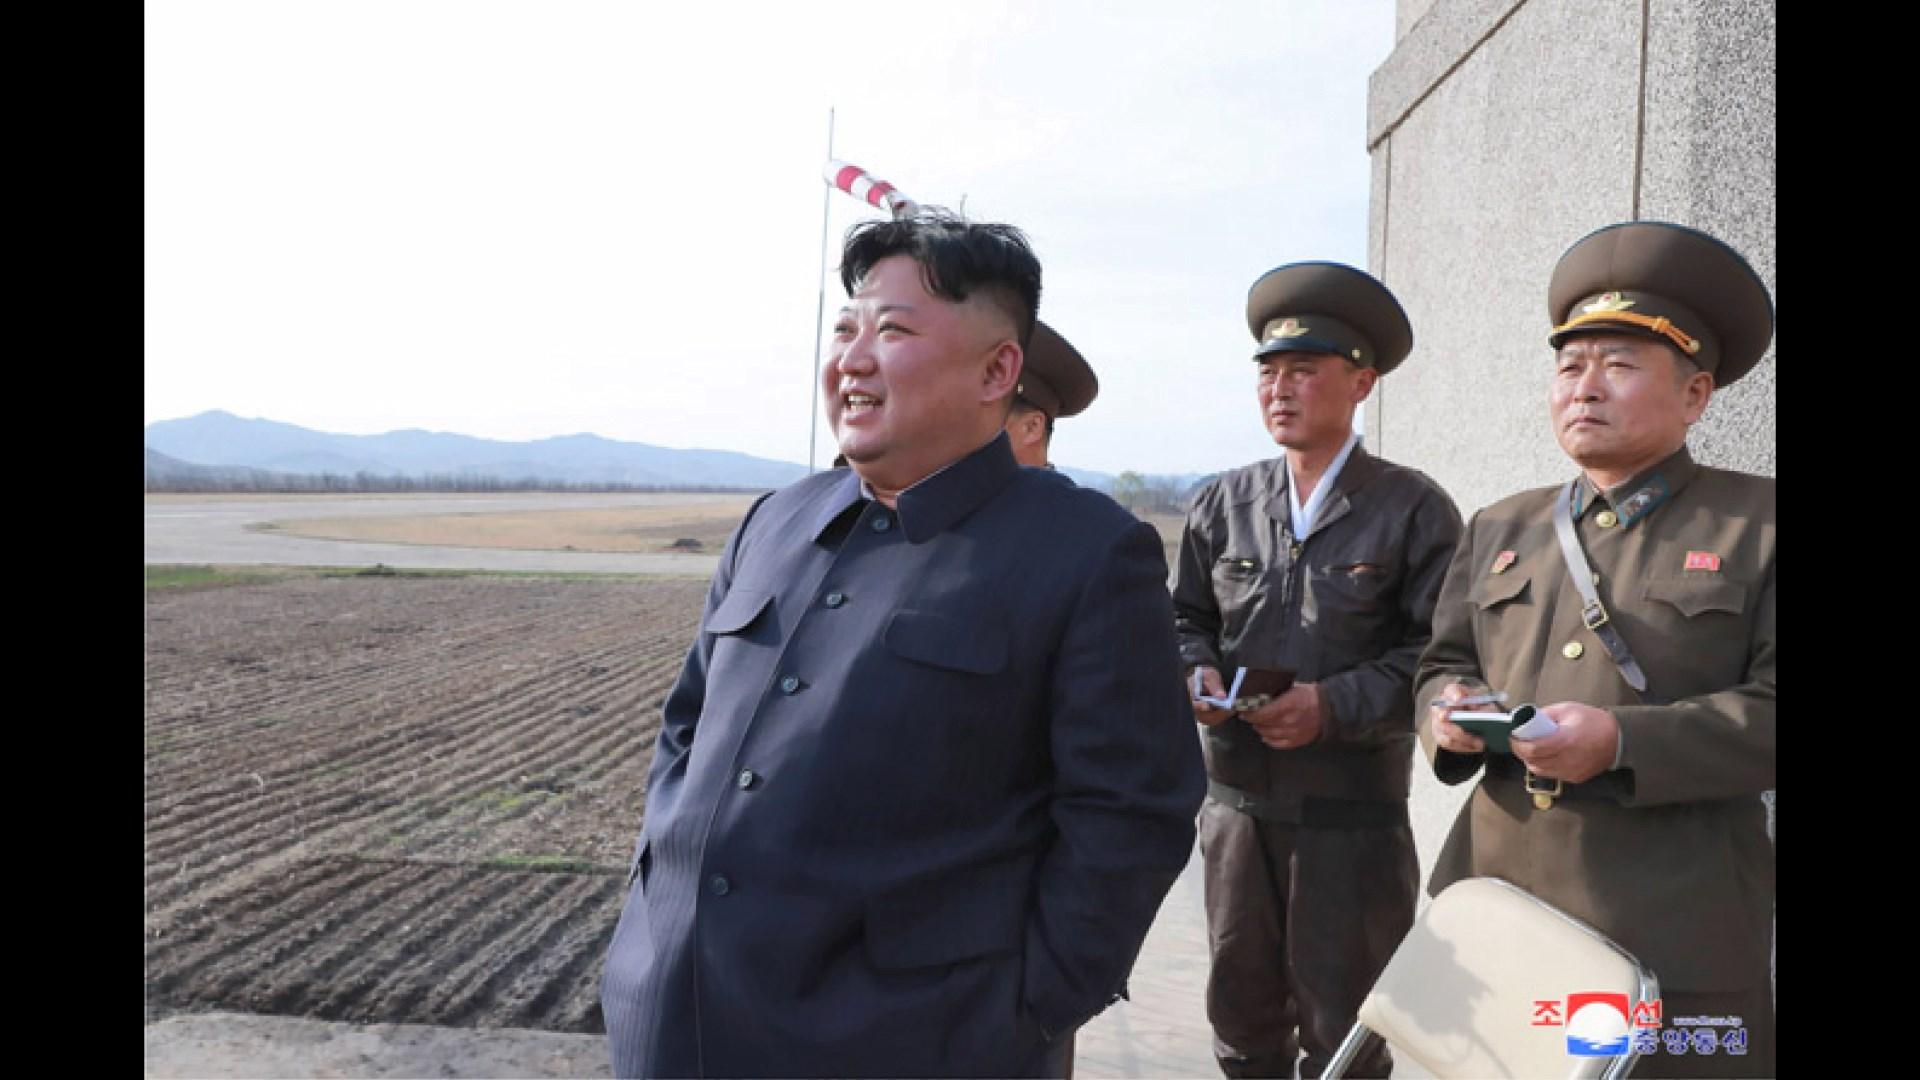 分析指朝試射新戰術武器因不滿美朝談判停滯